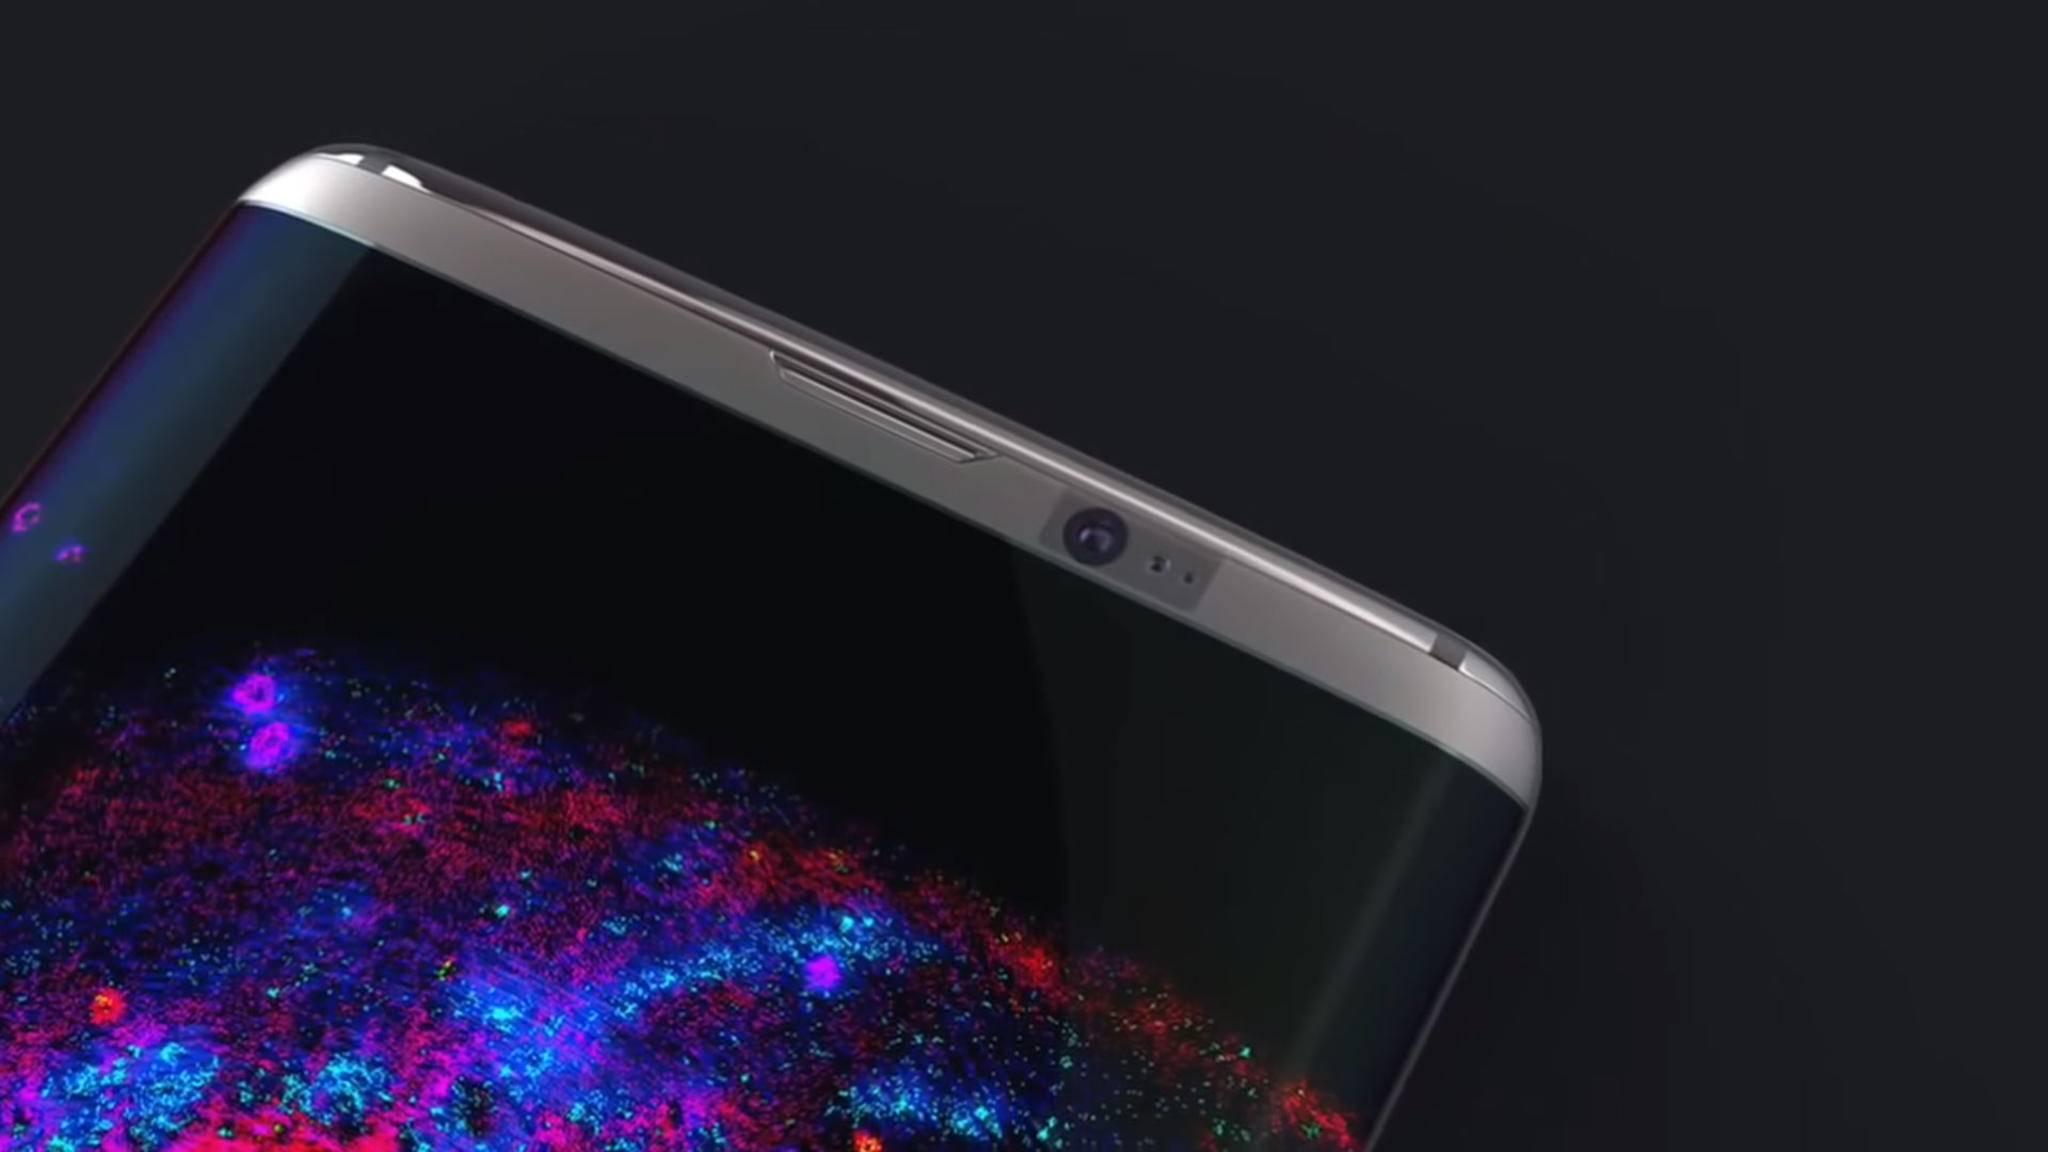 Das offizielle Zubehör für das Galaxy S8 soll bereits feststehen.